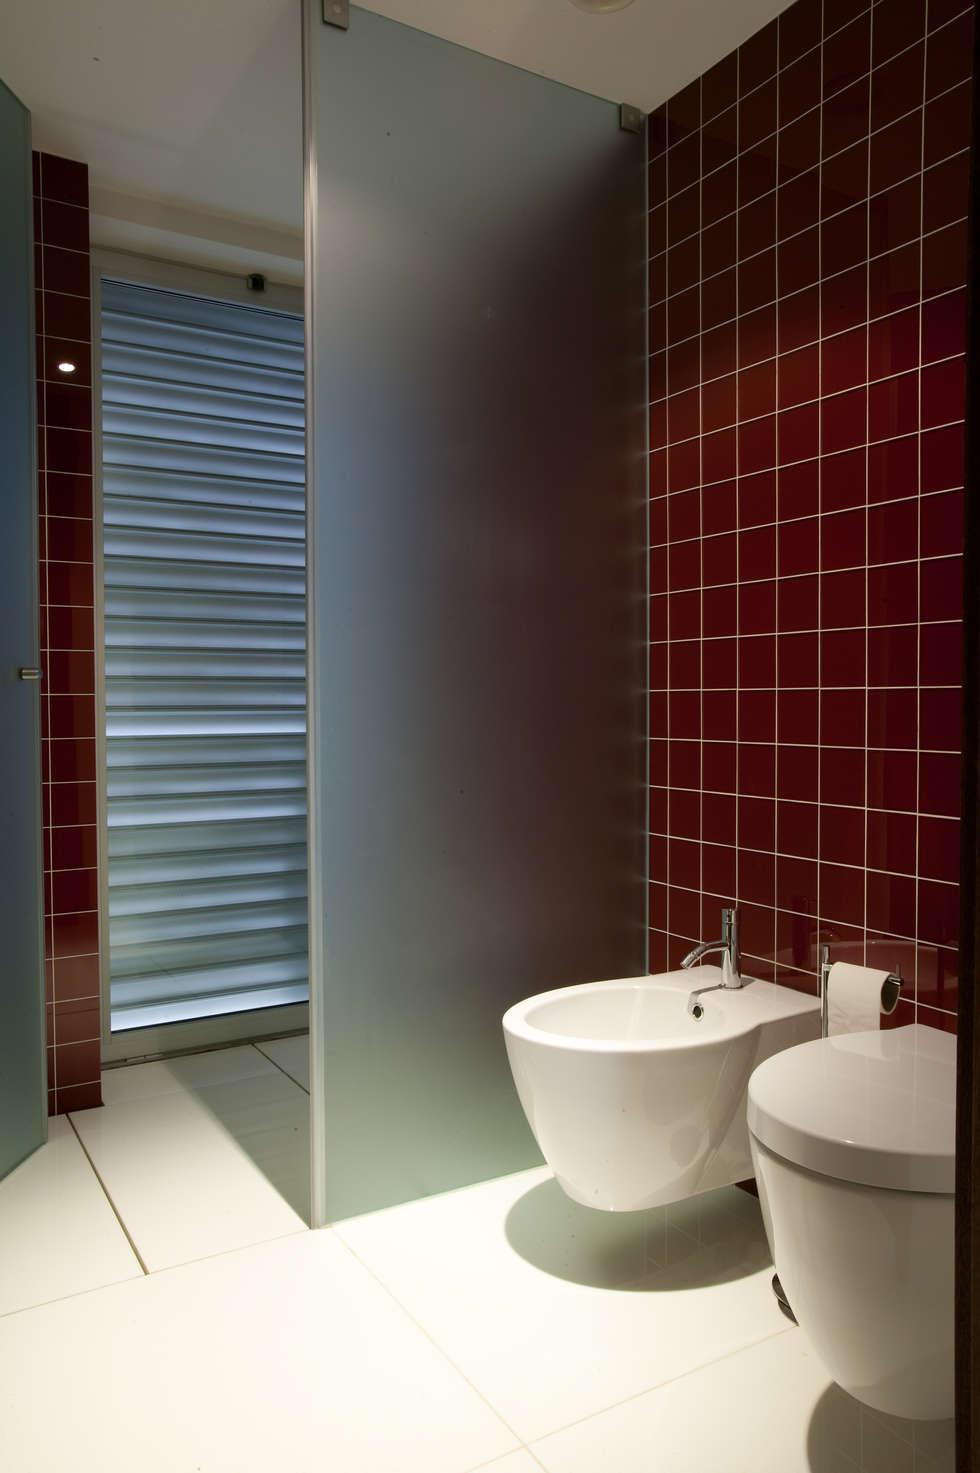 casa na trofa: Casas de banho modernas por aaph, arquitectos lda.